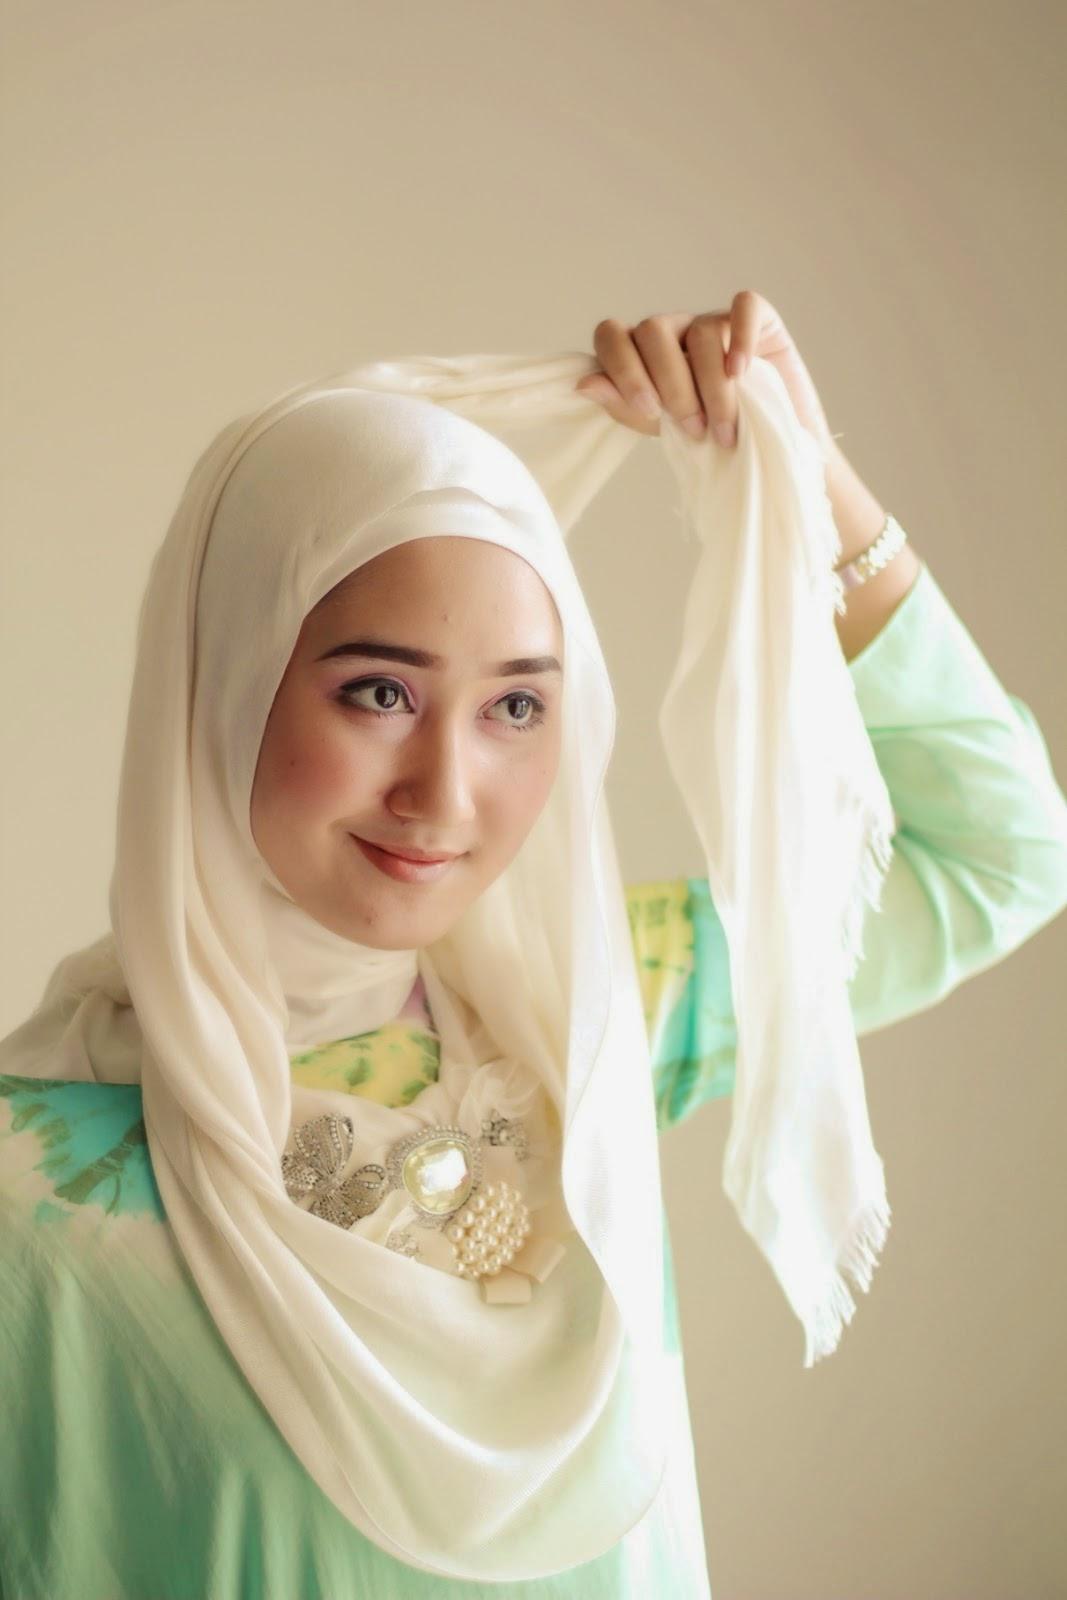 Tutorial Hijab Pashmina Dian Pelangi Terlengkap Gaya Hijab